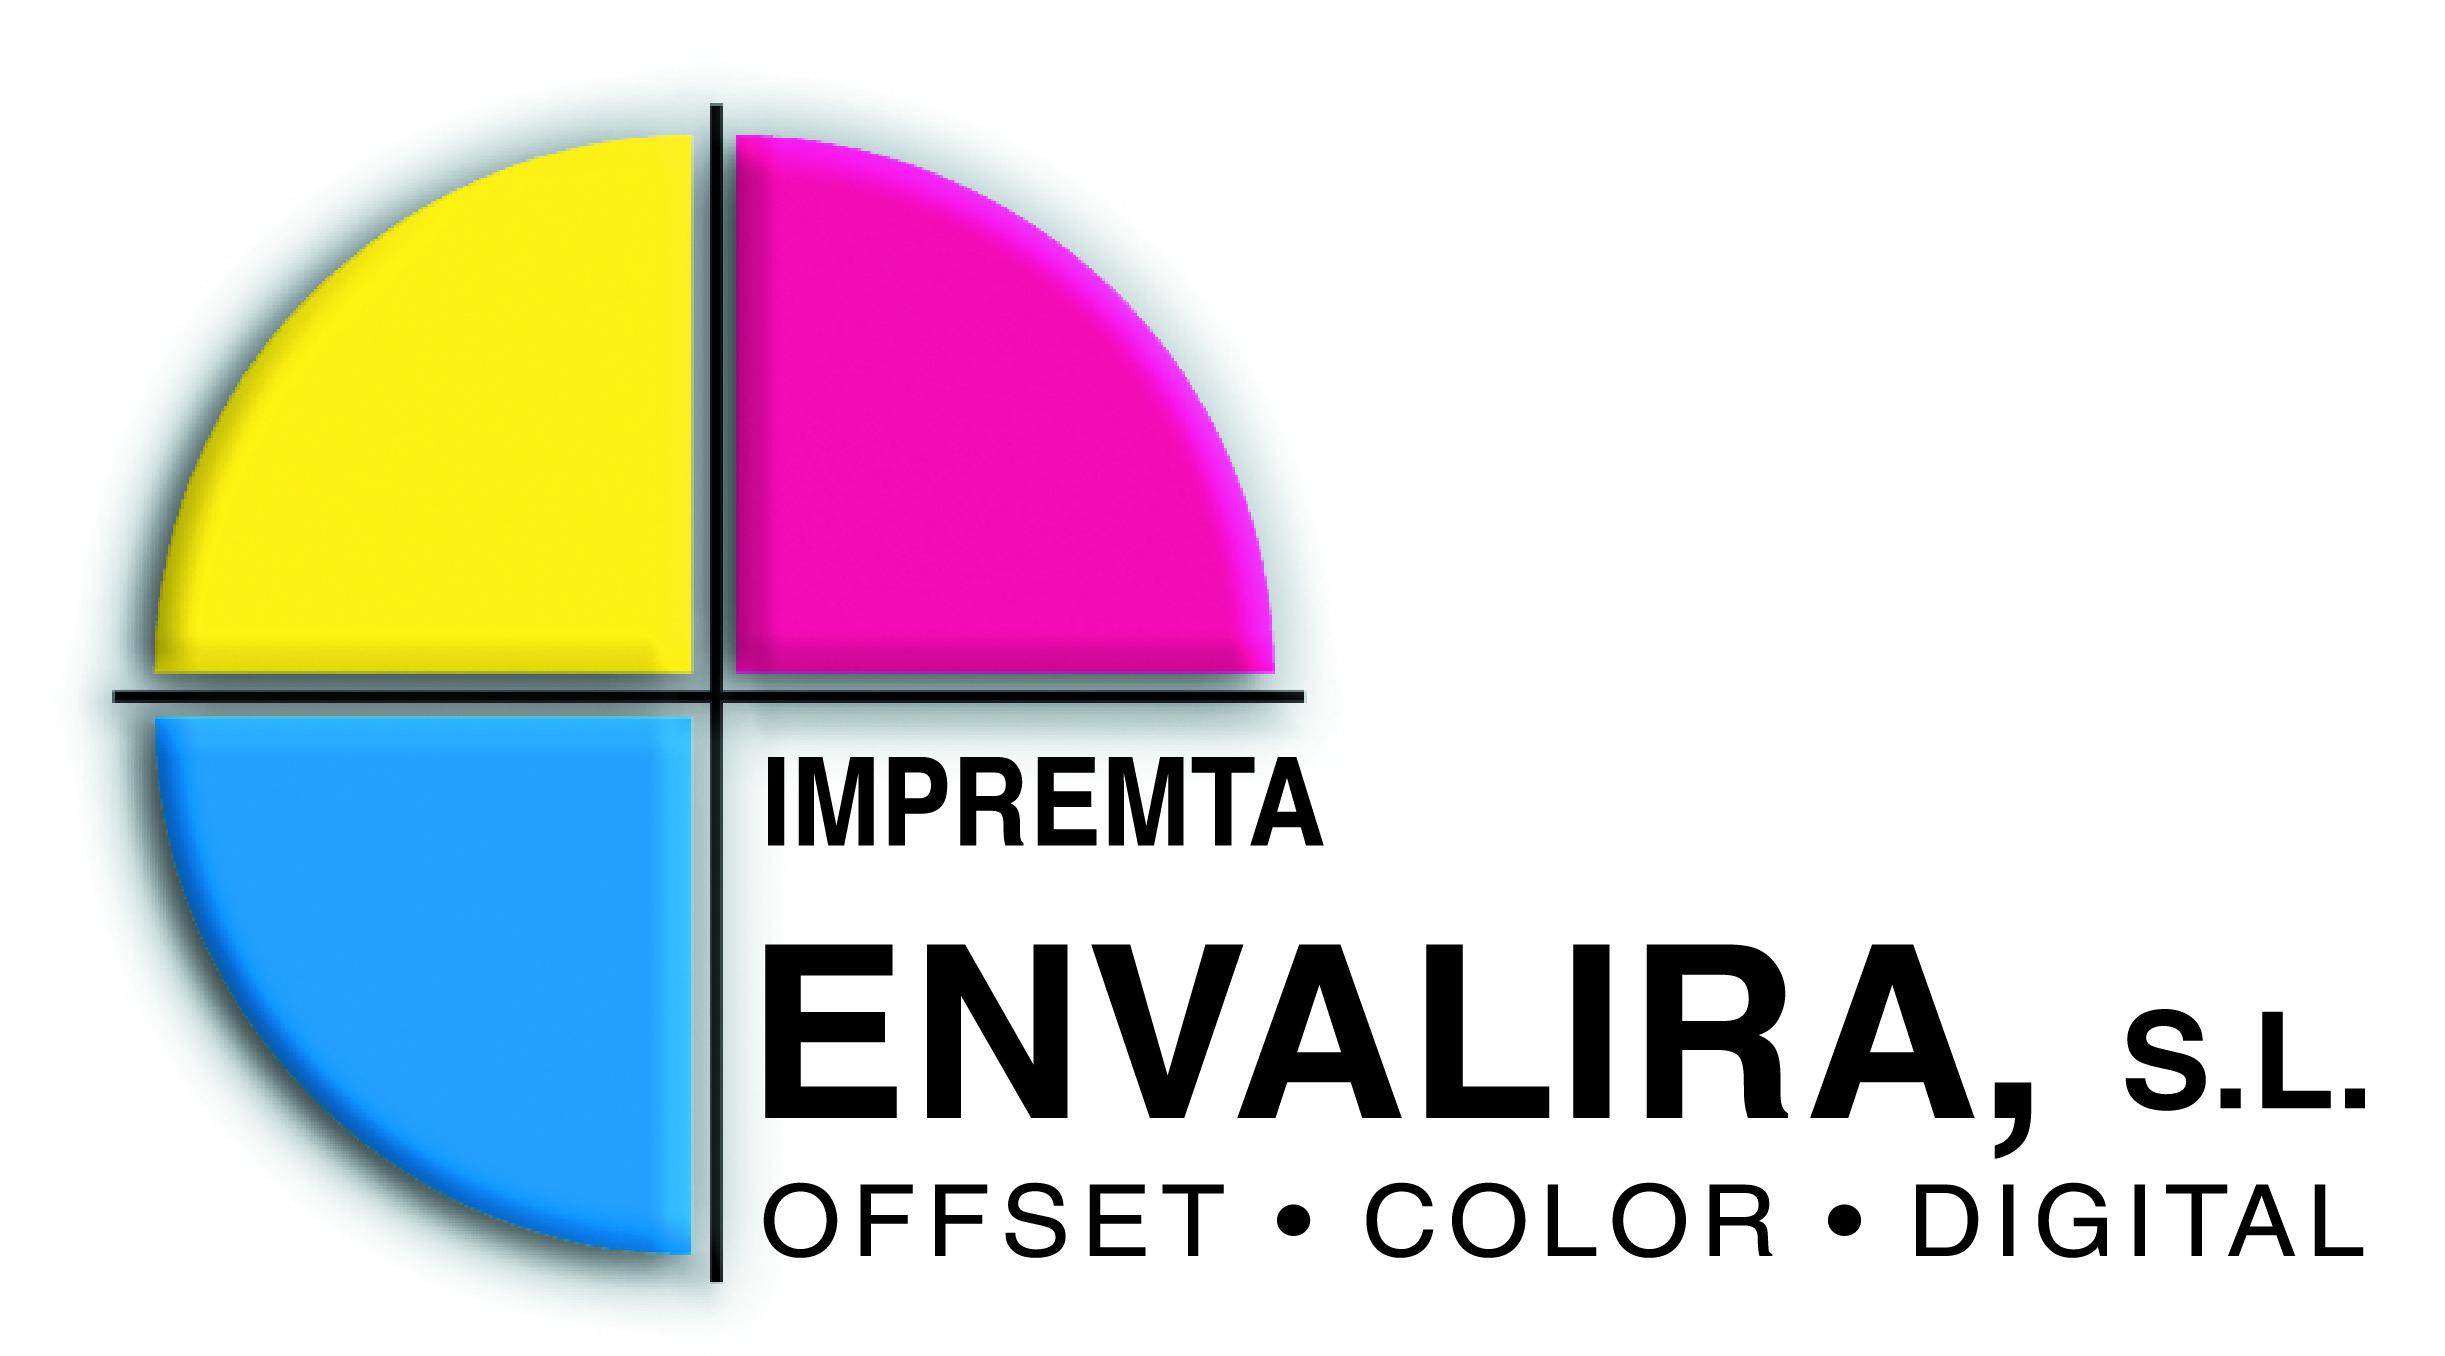 Impremta Envalira Andorra T.+376807455 Impressors des de 1974 a Andorra. Més de 44 anys de confiança ens avalen com a impressors a Andorra. Durant dues generacions d'impressors ens hem compromès a crear i a imprimir missatges. L'experiència i el coneixement en les noves tecnologies en el món de la impremta ens ha permès evolucionar d'impremta amb vocació, a empresa de serveis gràfics globals, basada en l'assessorament, el disseny, la qualitat, les bones pràctiques mediambientals i sobre tot la seva satisfacció. Sense oblidar mai el millor preu possible.